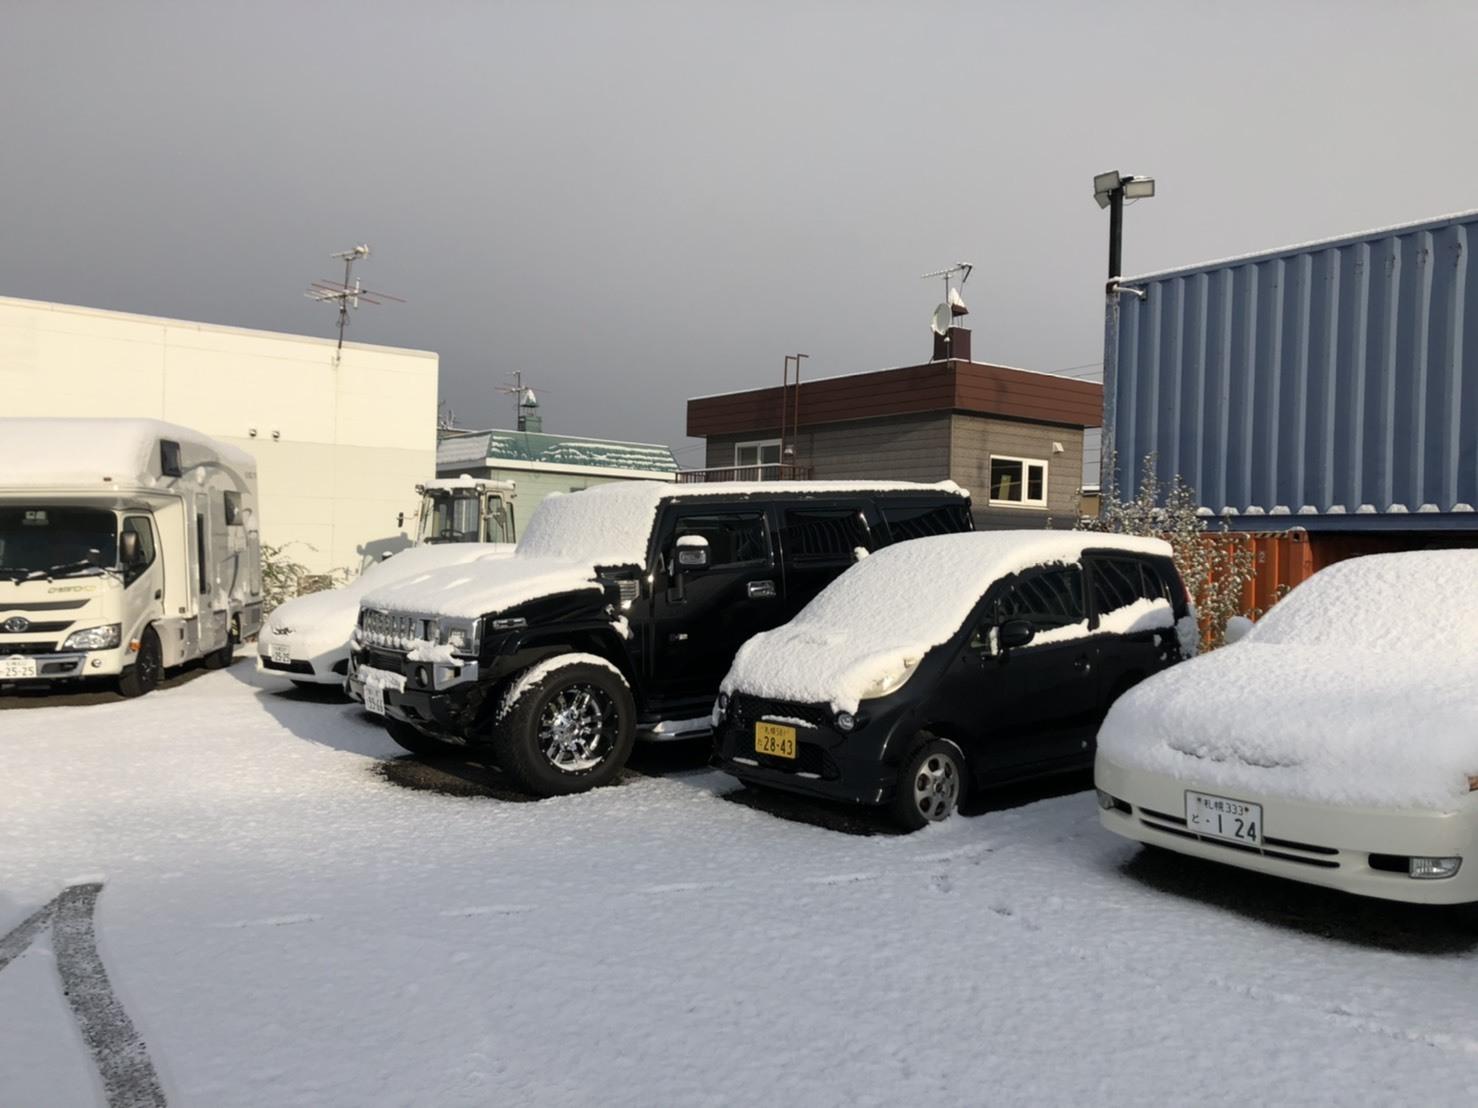 11月15日(金)アウディA6 T様納車✨ 除雪車あります✊ランクル エスカレード ヴェルファイア ♡TOMMY♡_b0127002_19381442.jpg